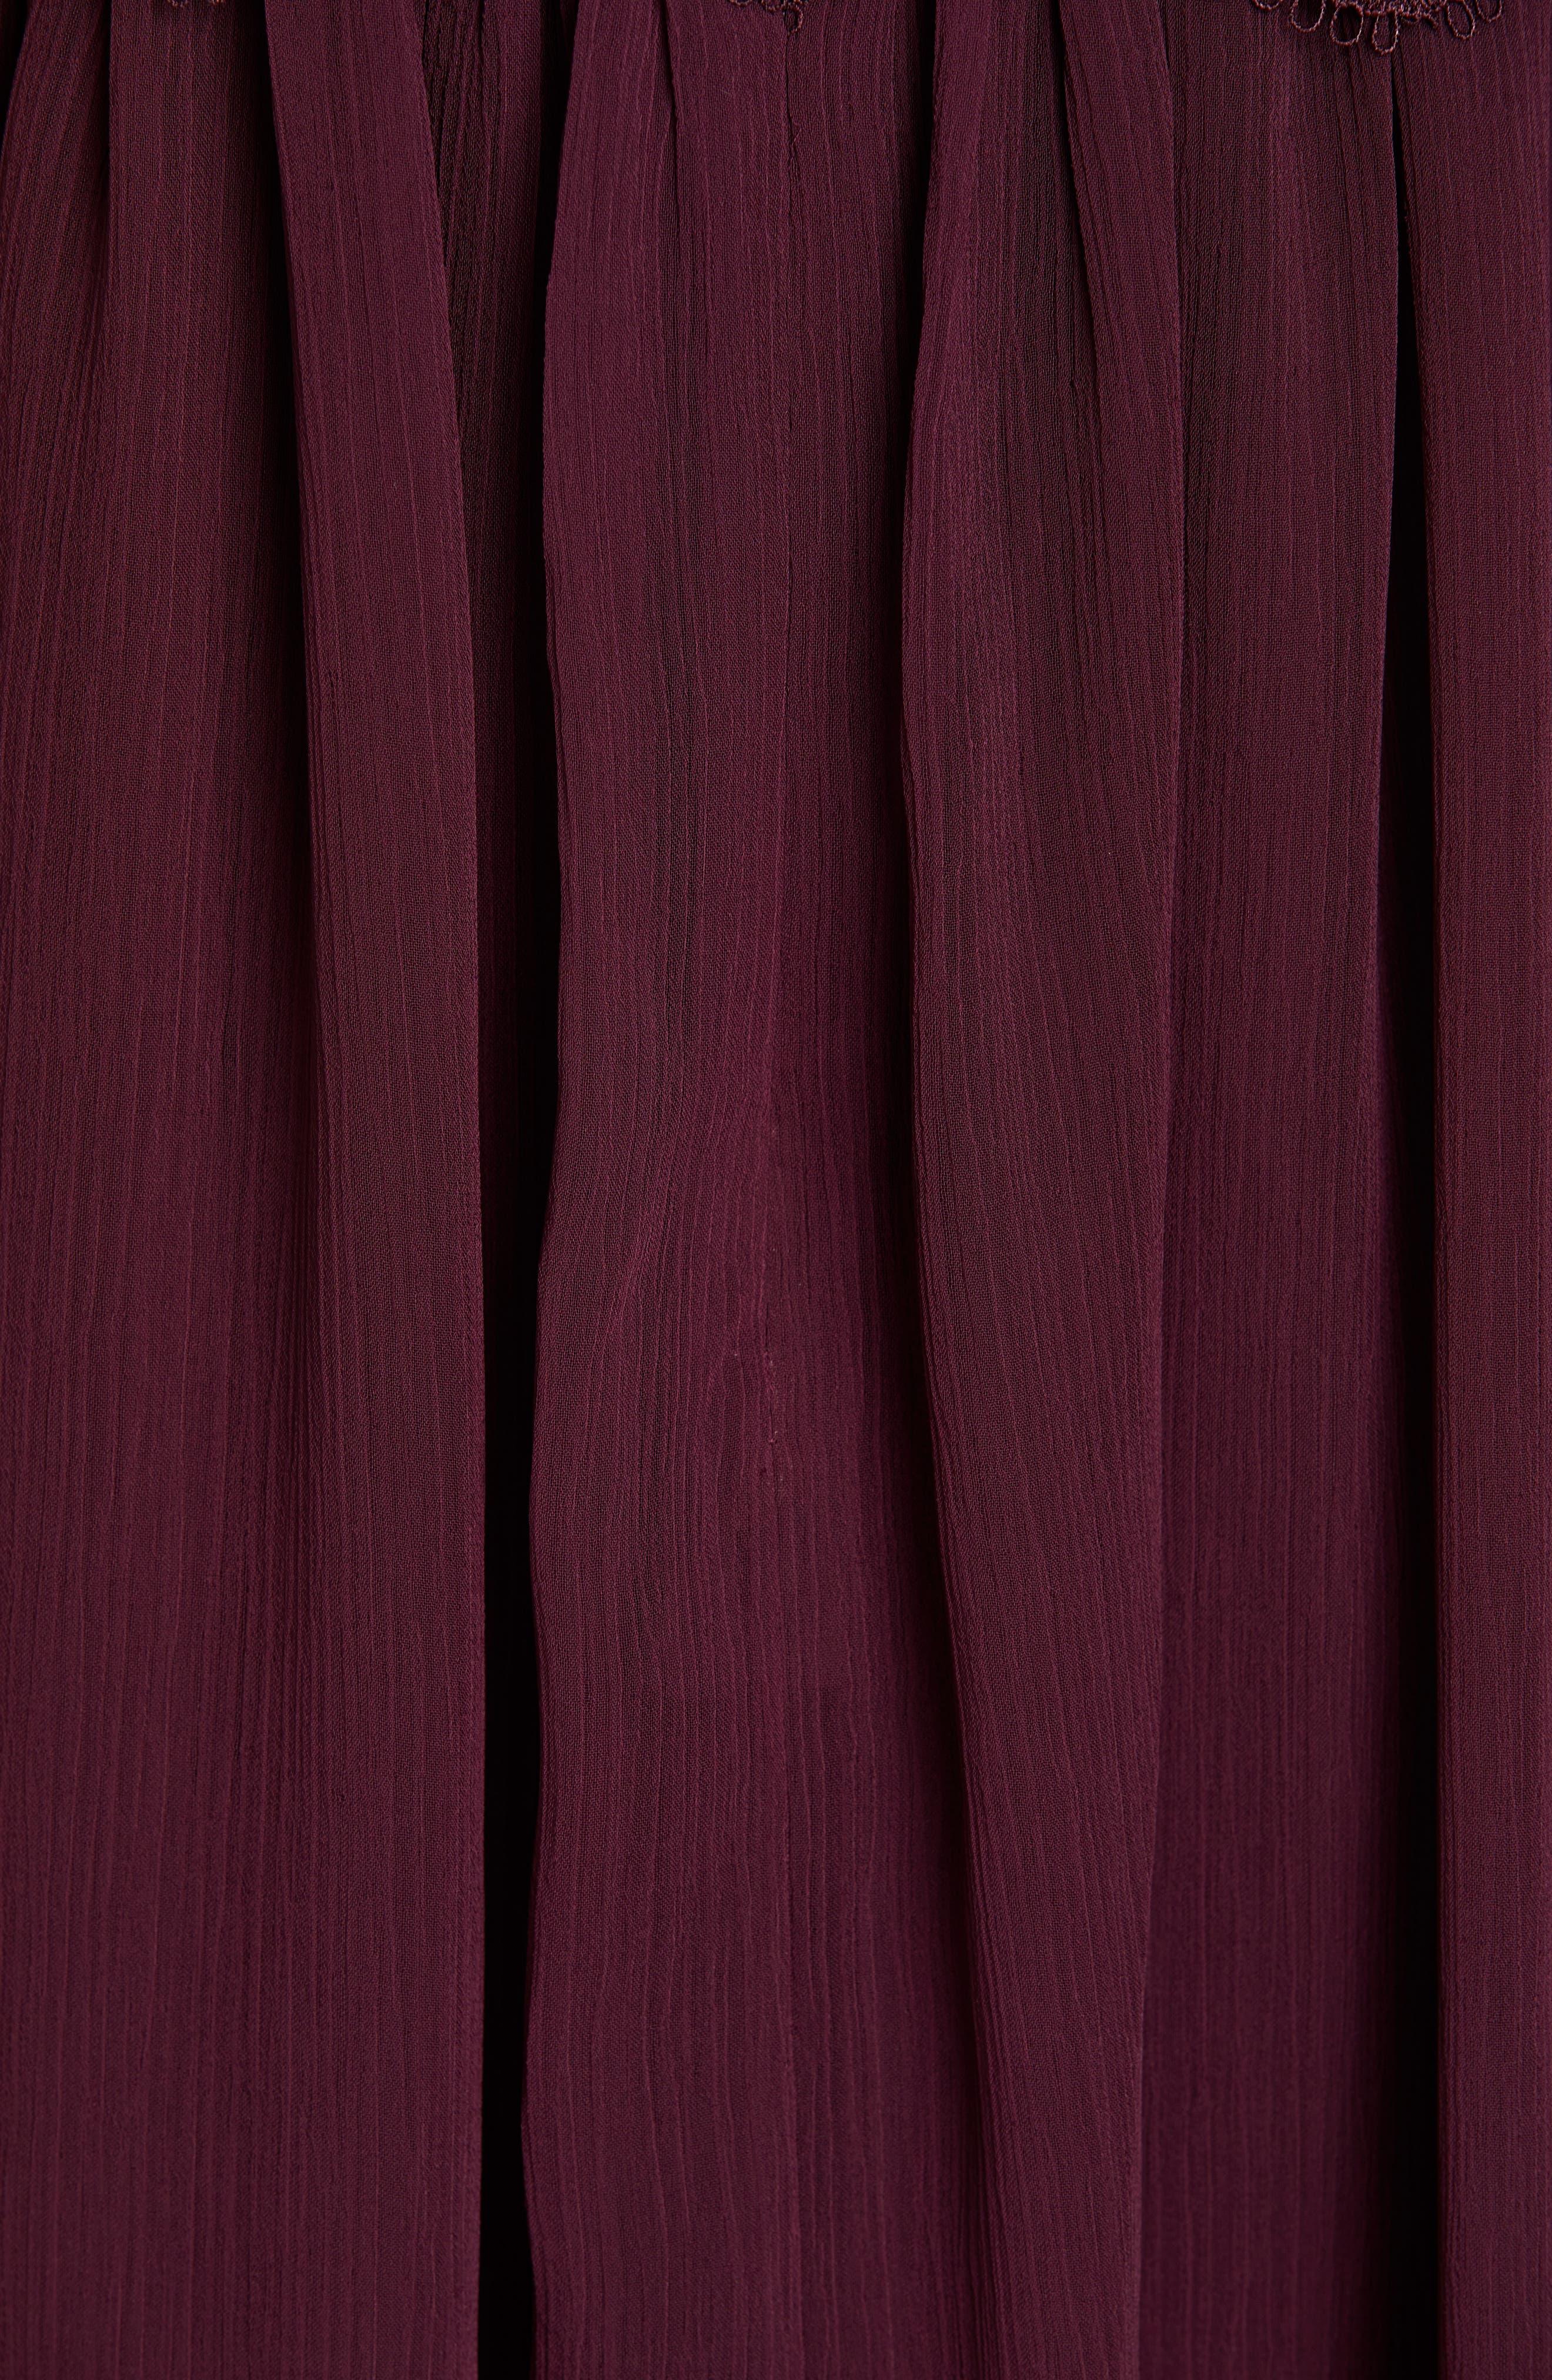 TED BAKER LONDON, Porrla Midi Dress, Alternate thumbnail 5, color, DEEP PURPLE